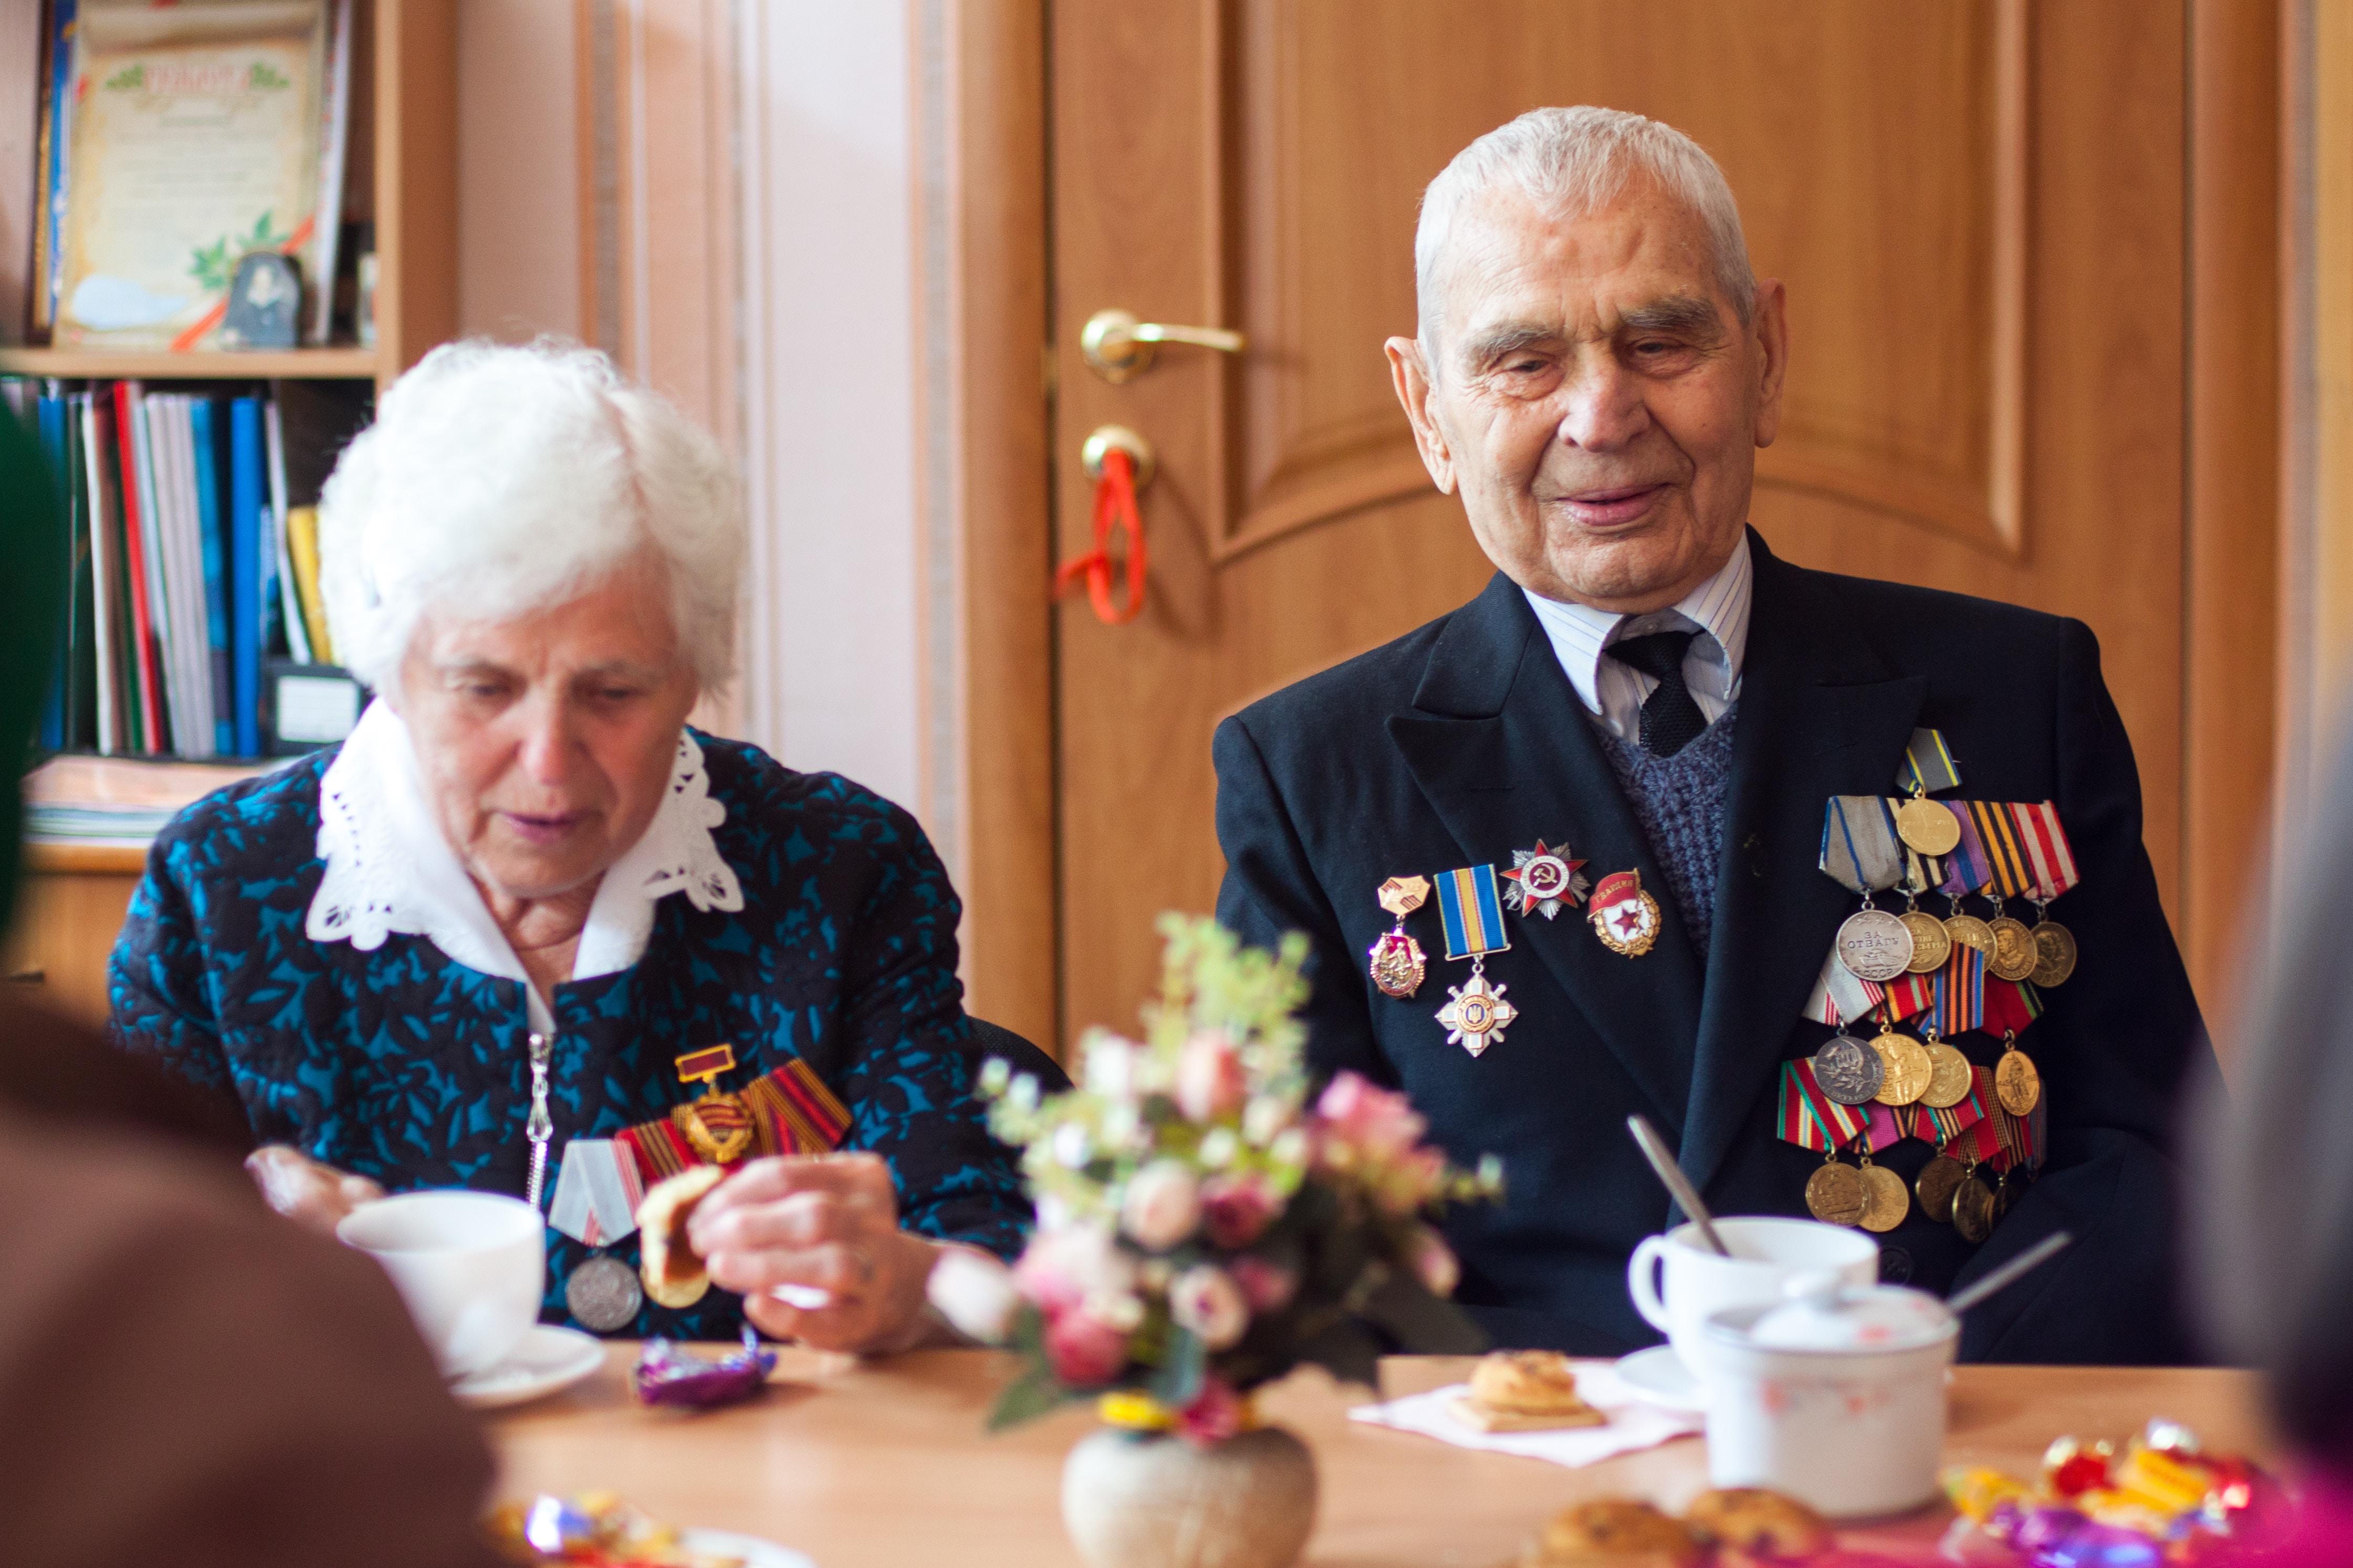 john-mark-kuznietsov-219066